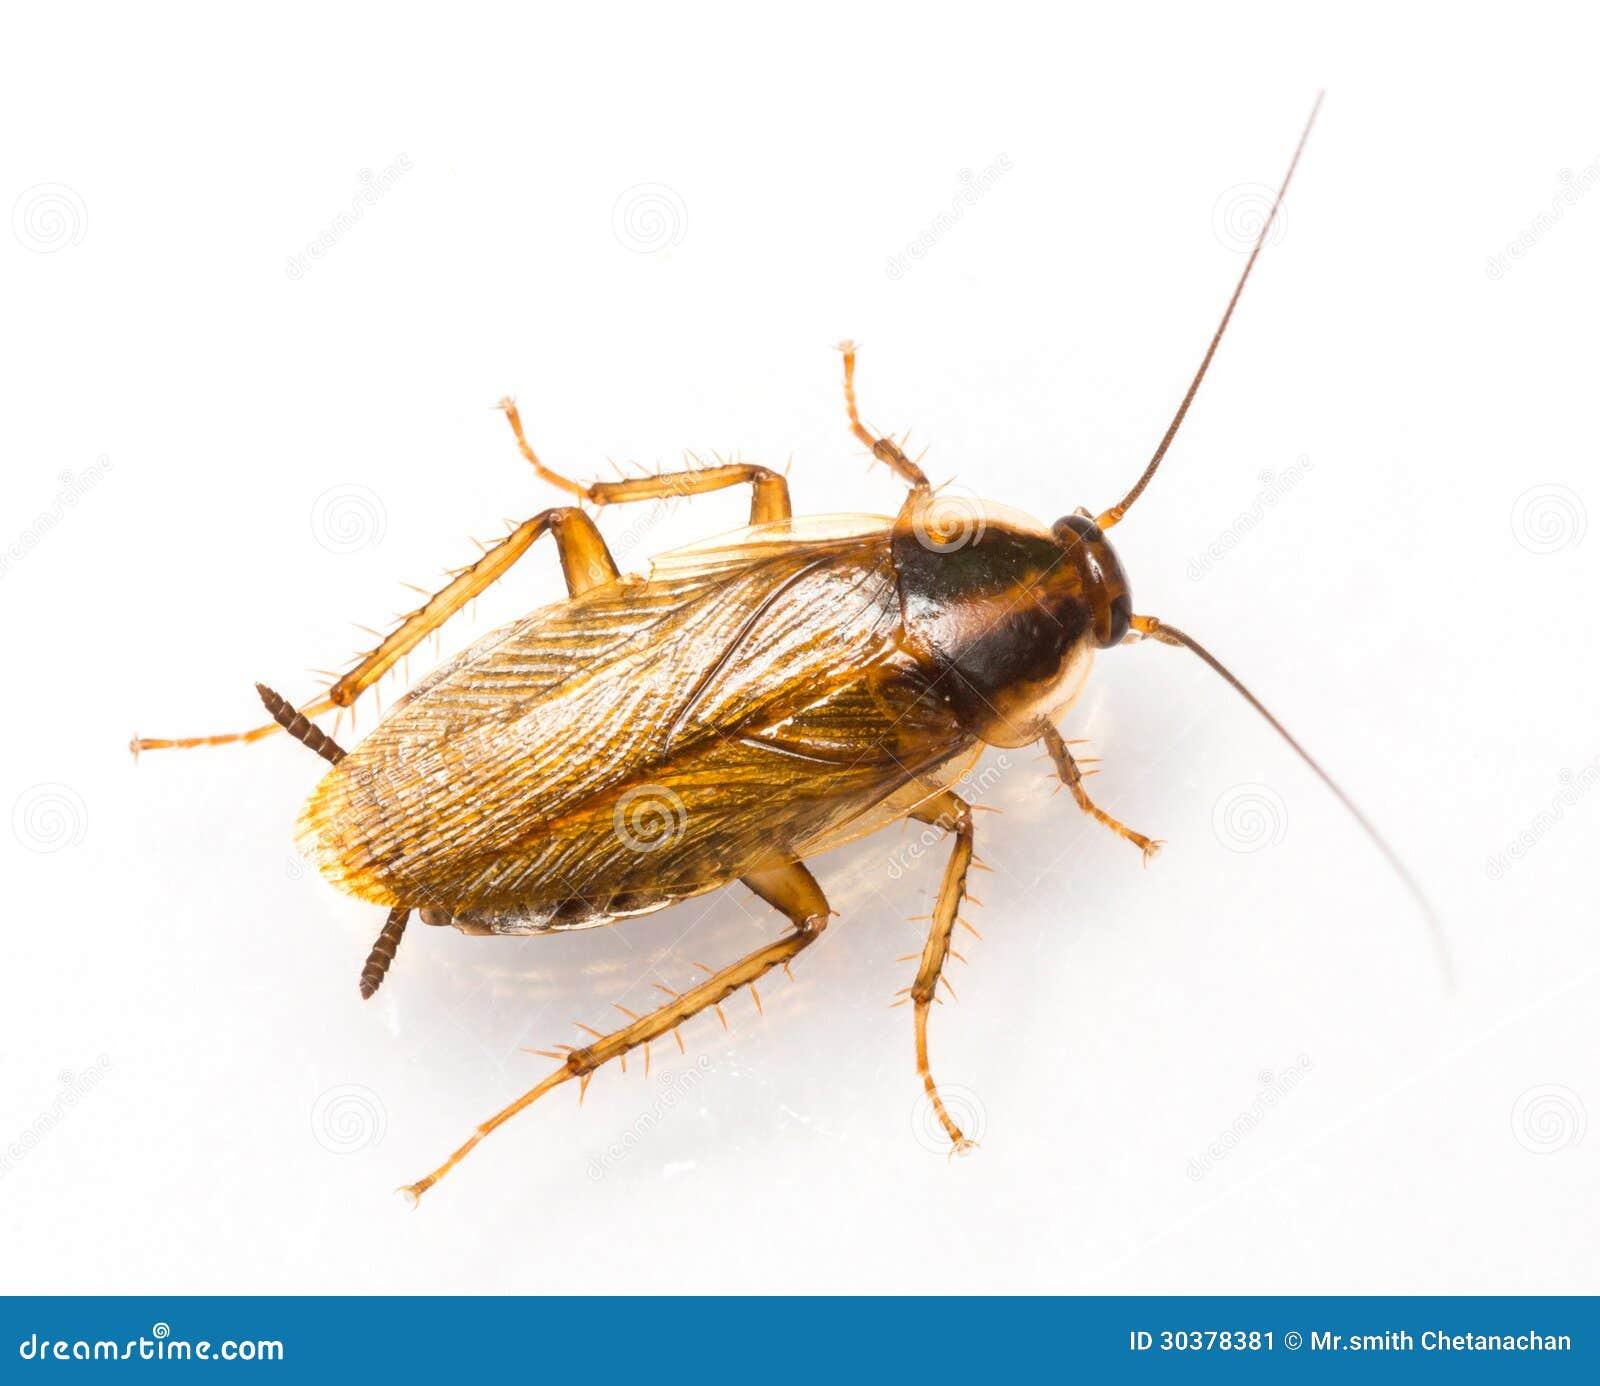 Таракан germanica Blattella немецкий